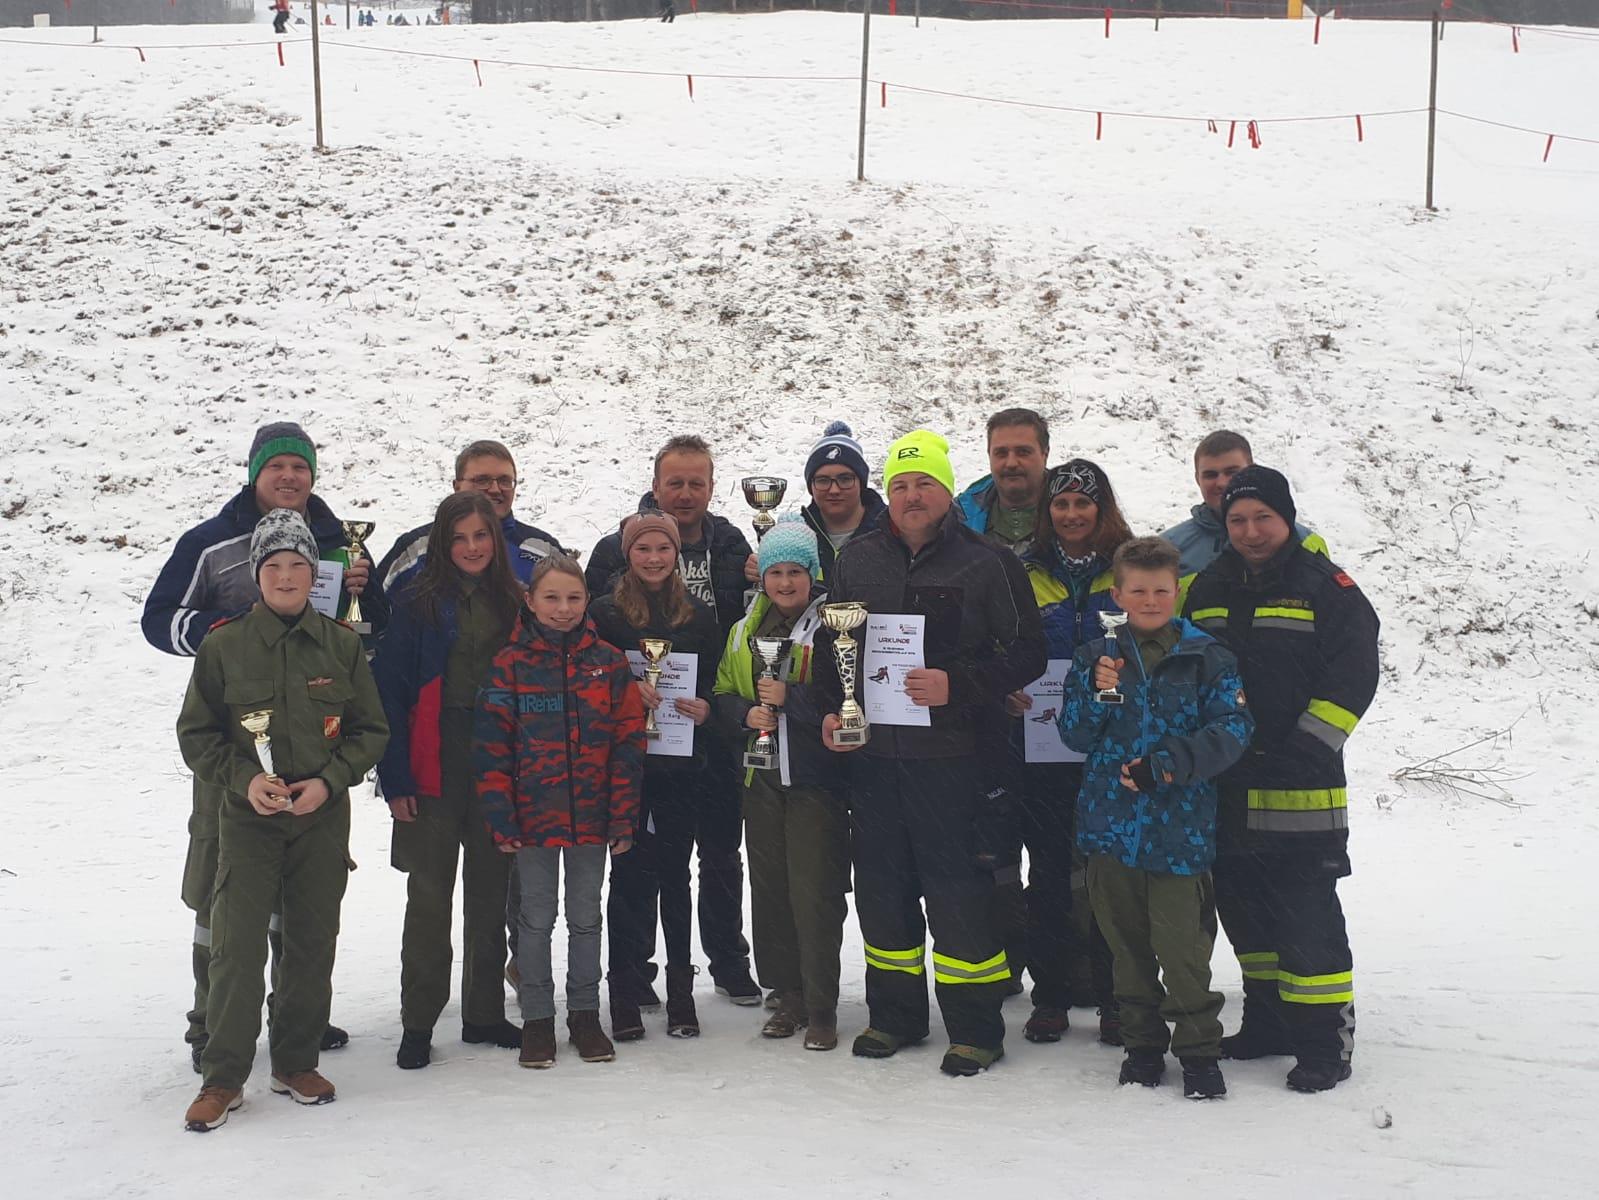 Schnellste Feuerwehr beim Bezirksskirennen 2020